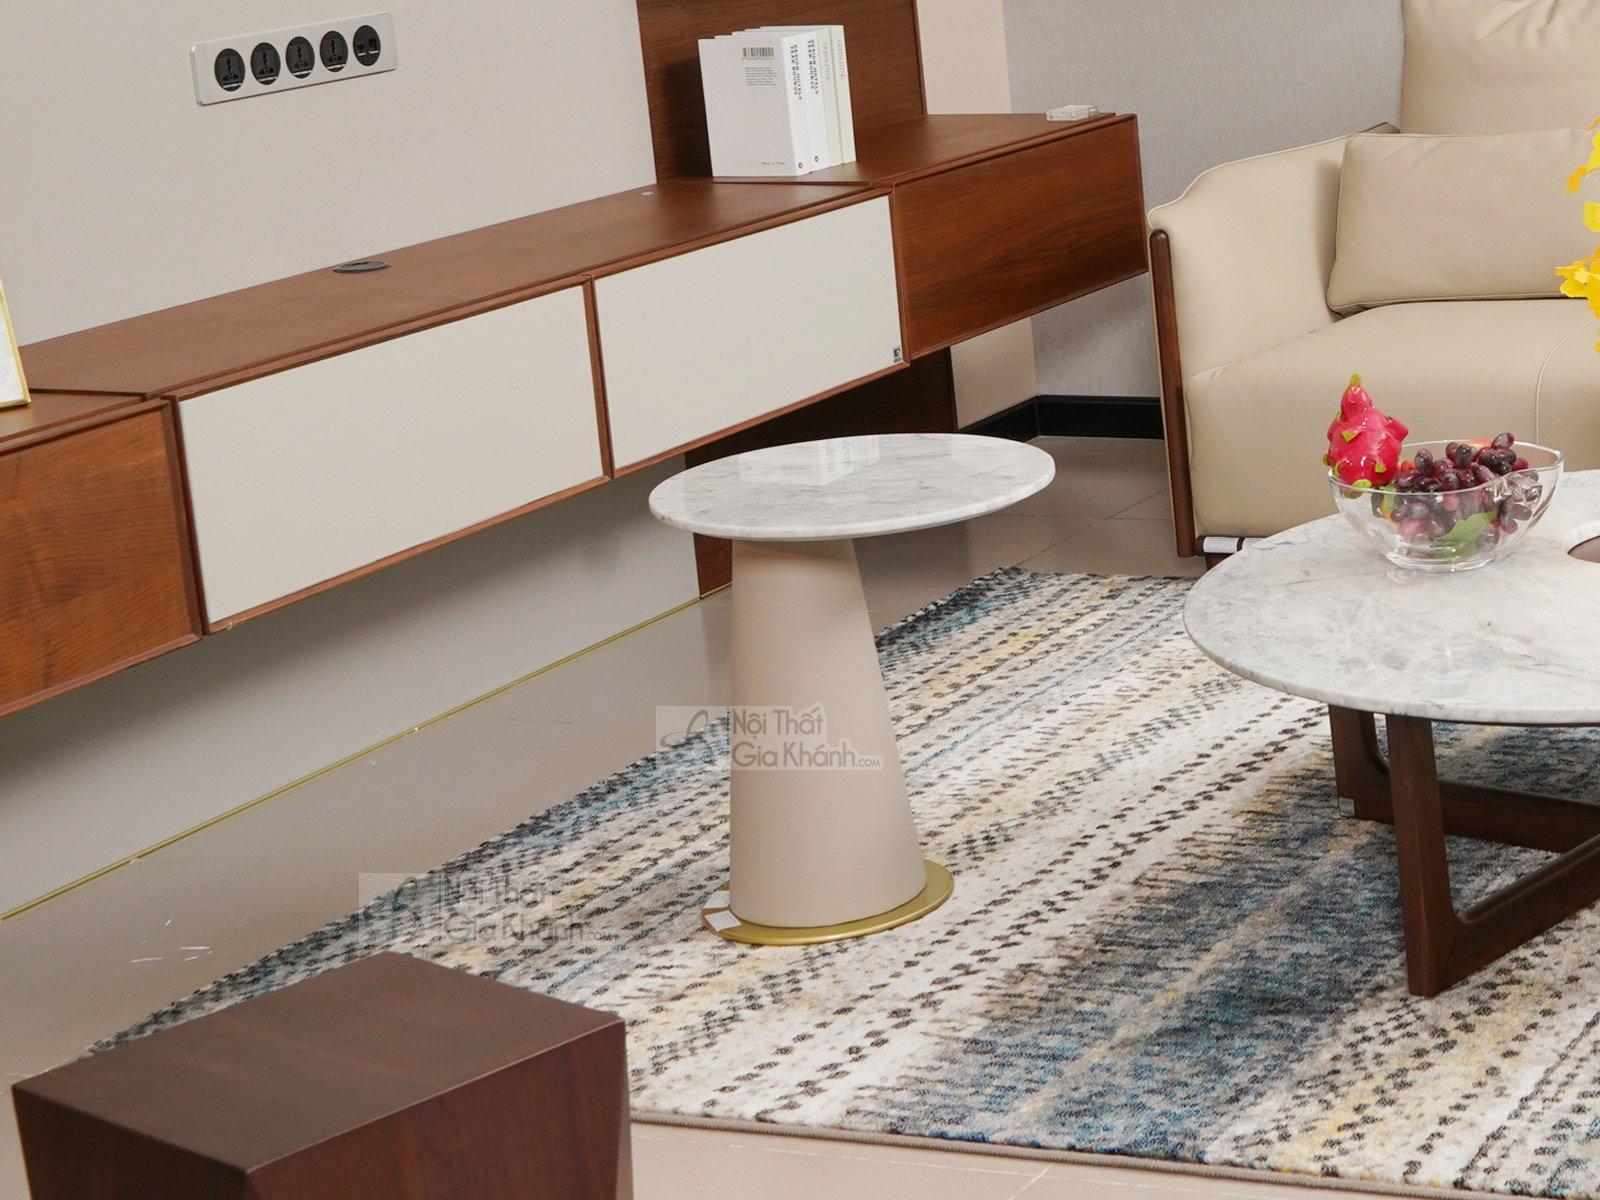 ban tra tron mặt đá 1911BT1 450x500 - Bàn trà (Bàn Sofa) gỗ hiện đại mặt đá cho phòng khách BT1911-1D